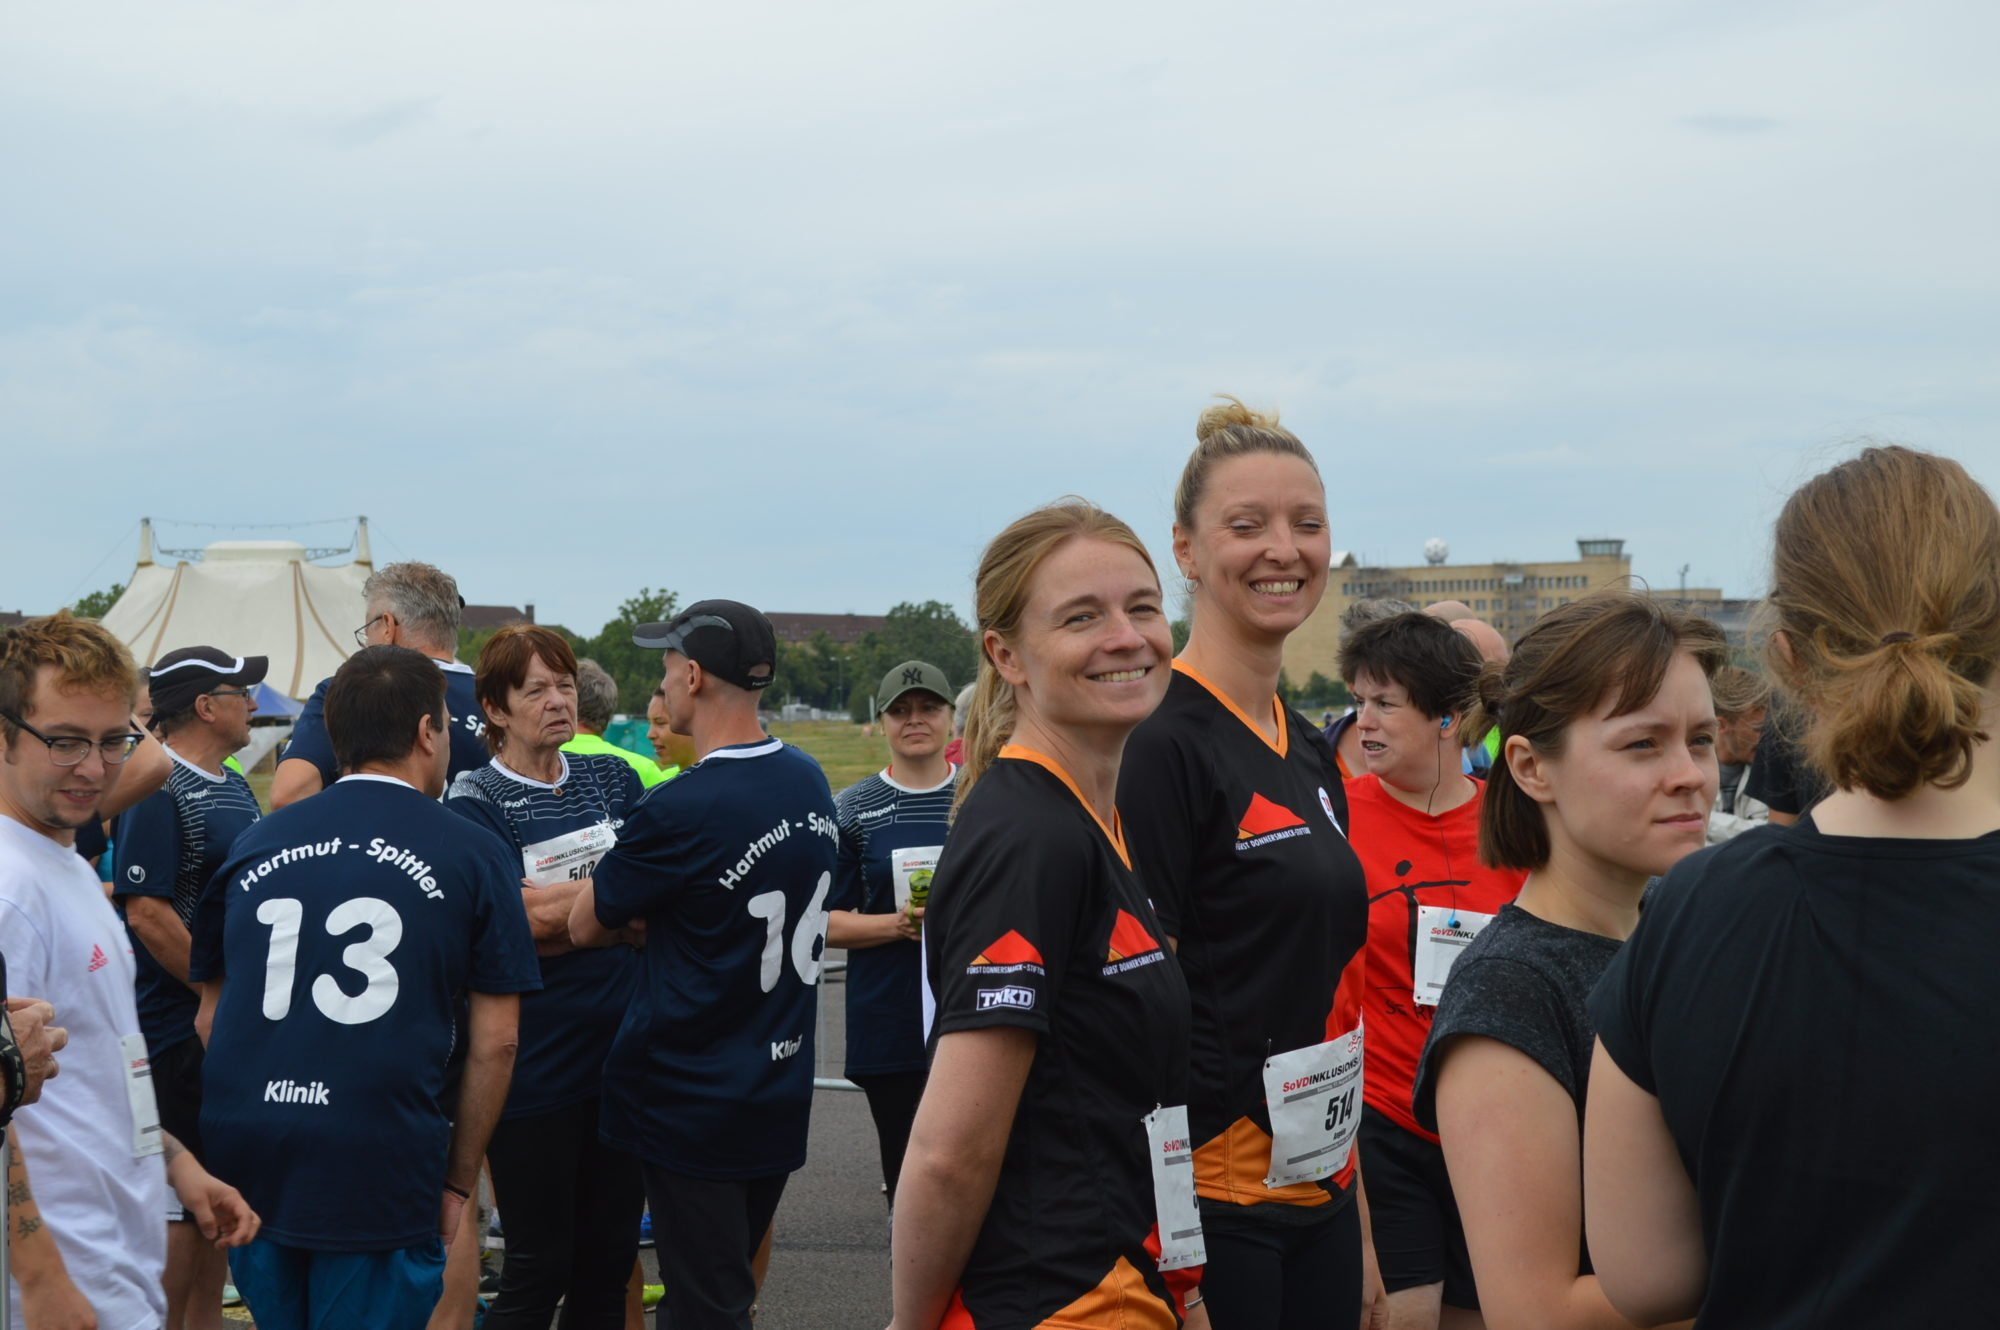 Zwei Teilnehmerinnen aus dem Team stehen in der Menge, drehen sich zur Kamera und lächeln.